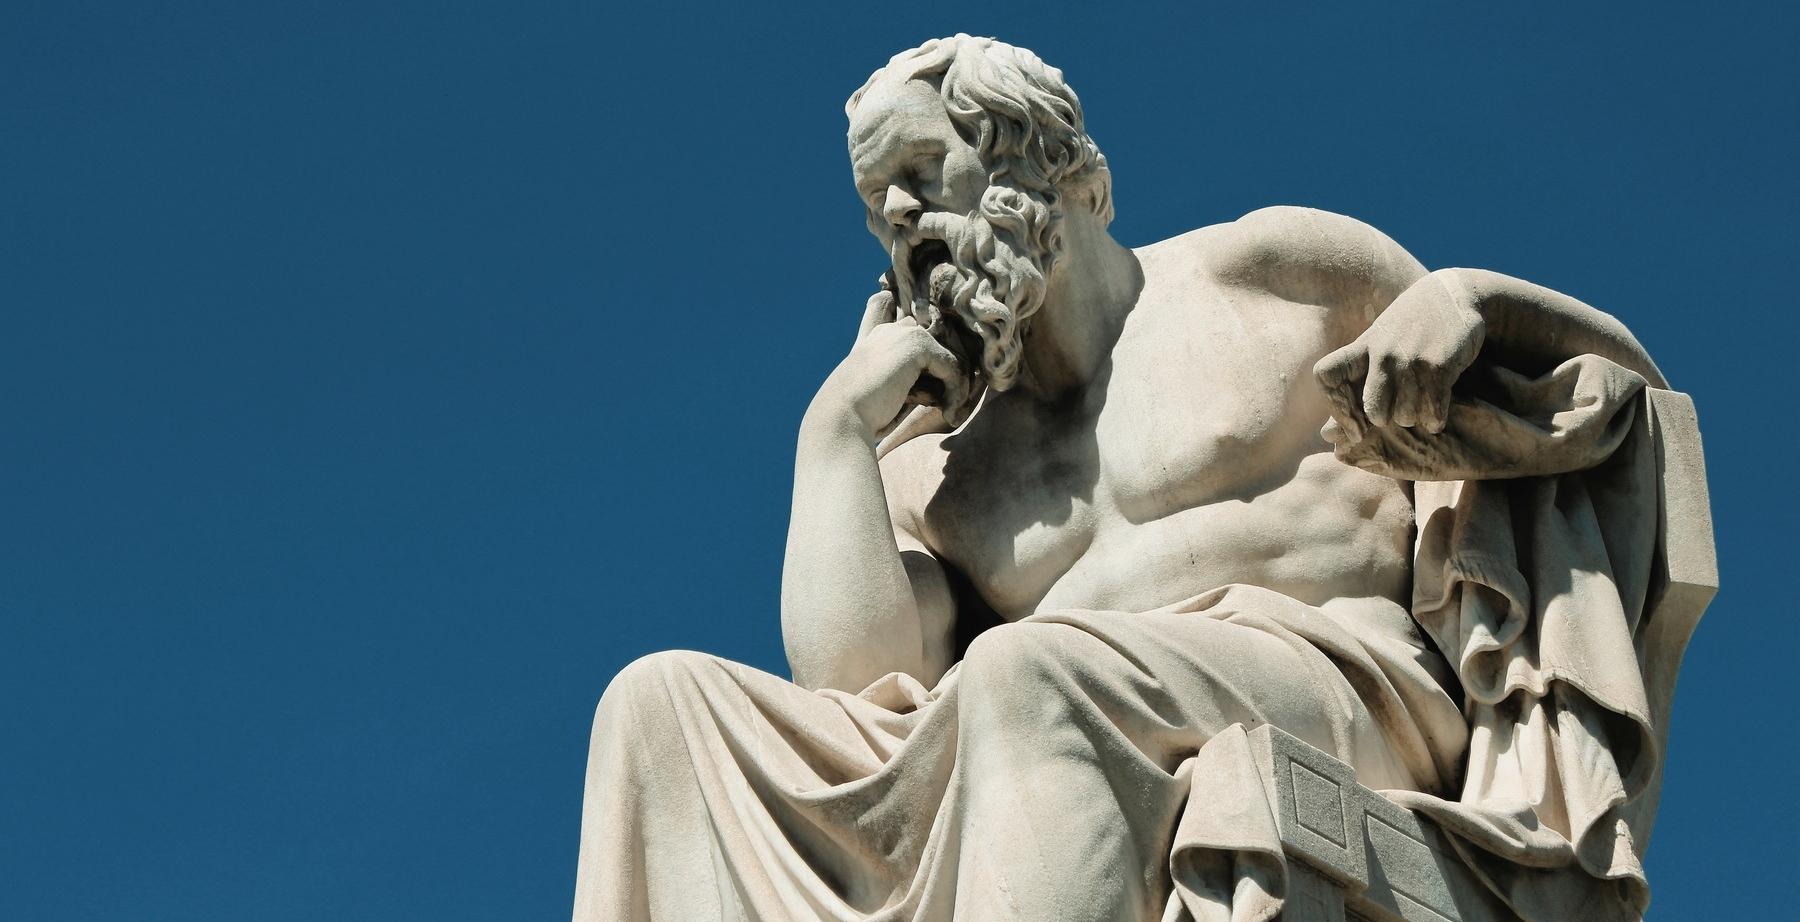 Este adevarat, amabil sau util sa spui, ceea ce urmeaza sa spui? Lectia lui Socrate de viata